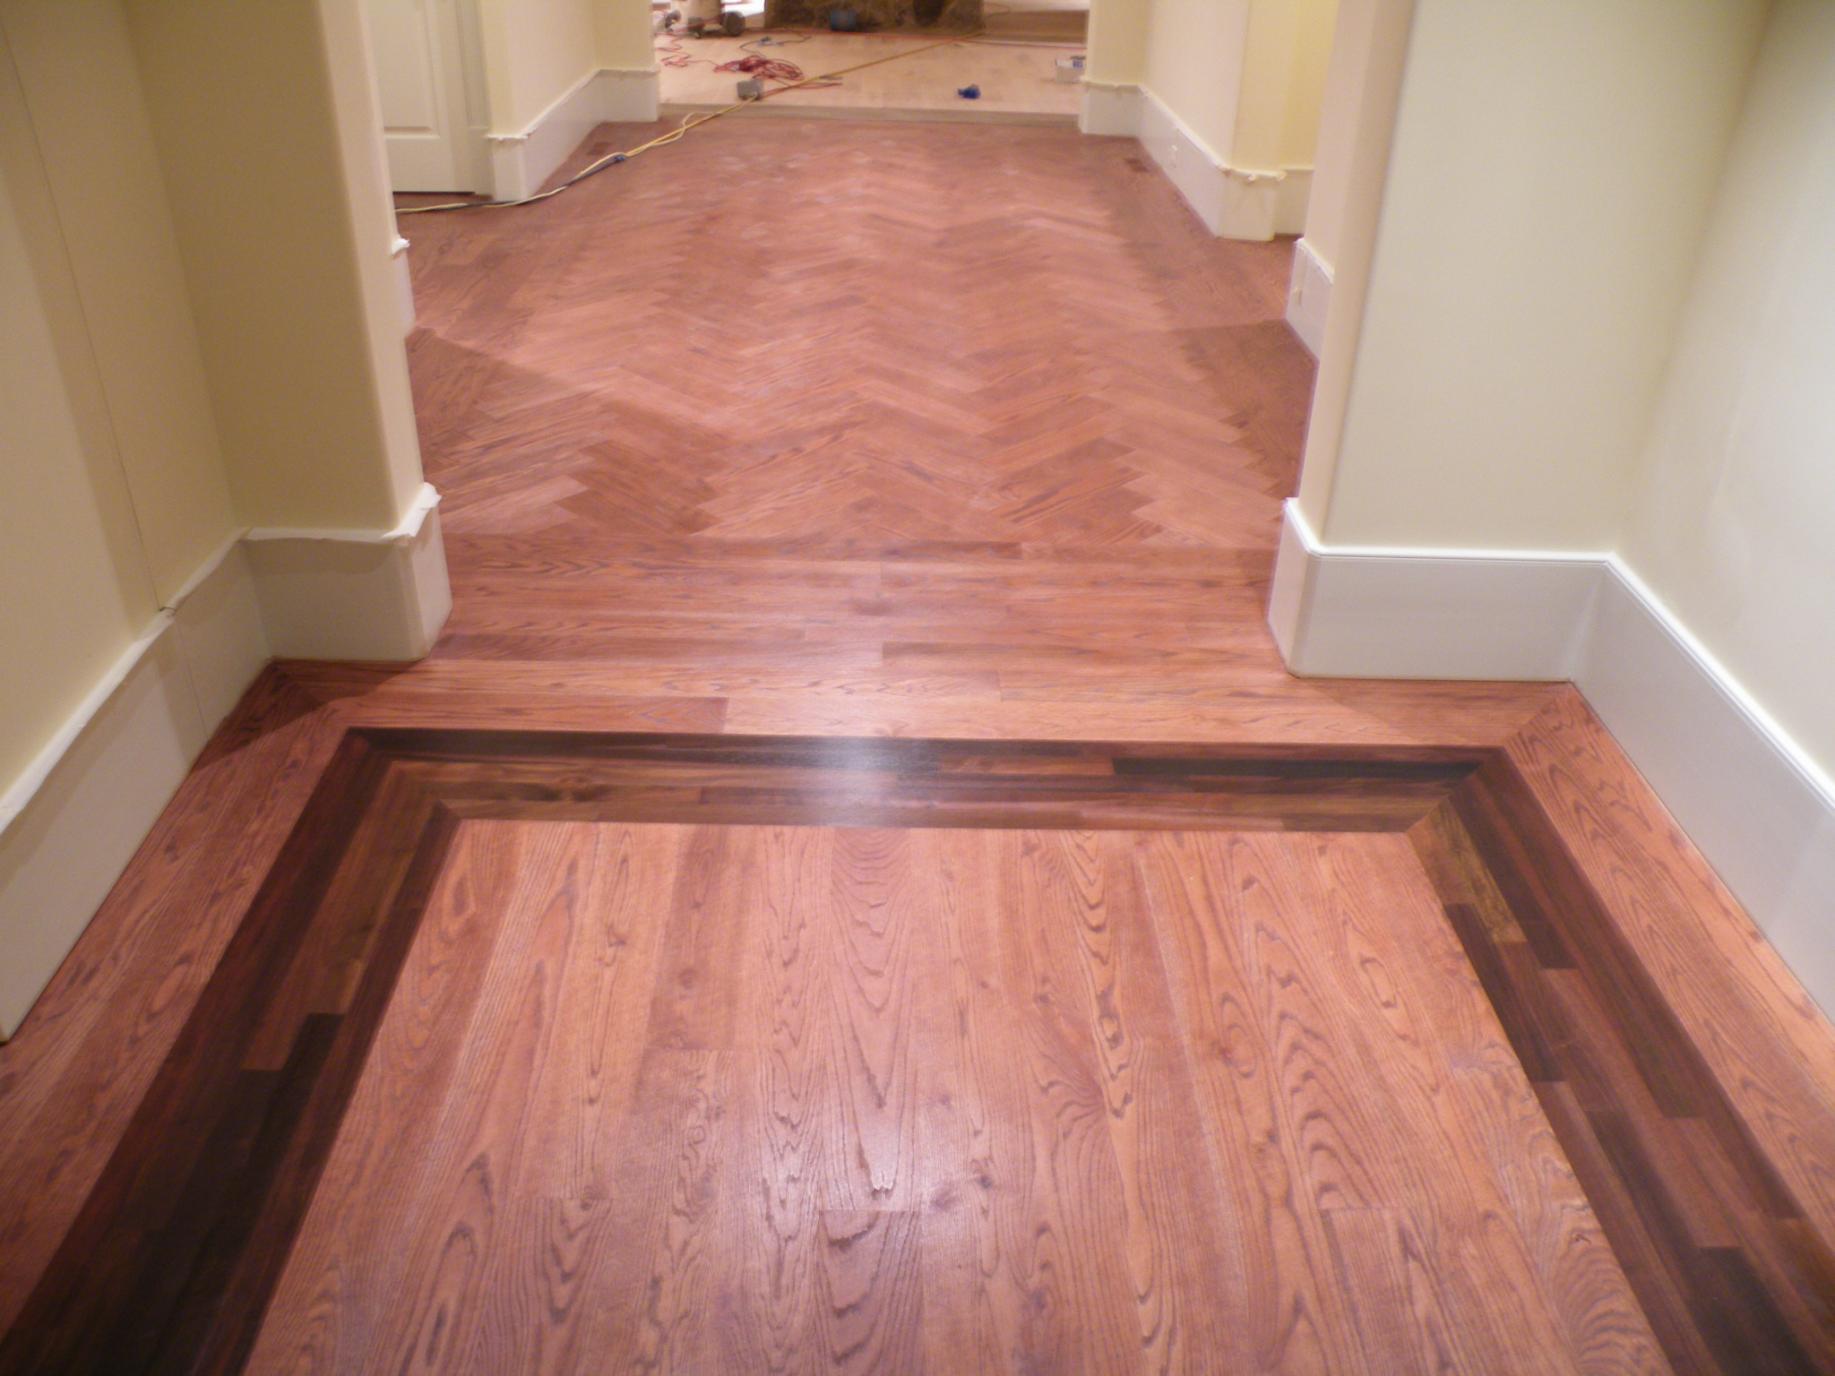 Hardwood Floor Inlays wide circular medallion unfinished decorative wood Hardwood Floor Inlay Dscf4499jpg